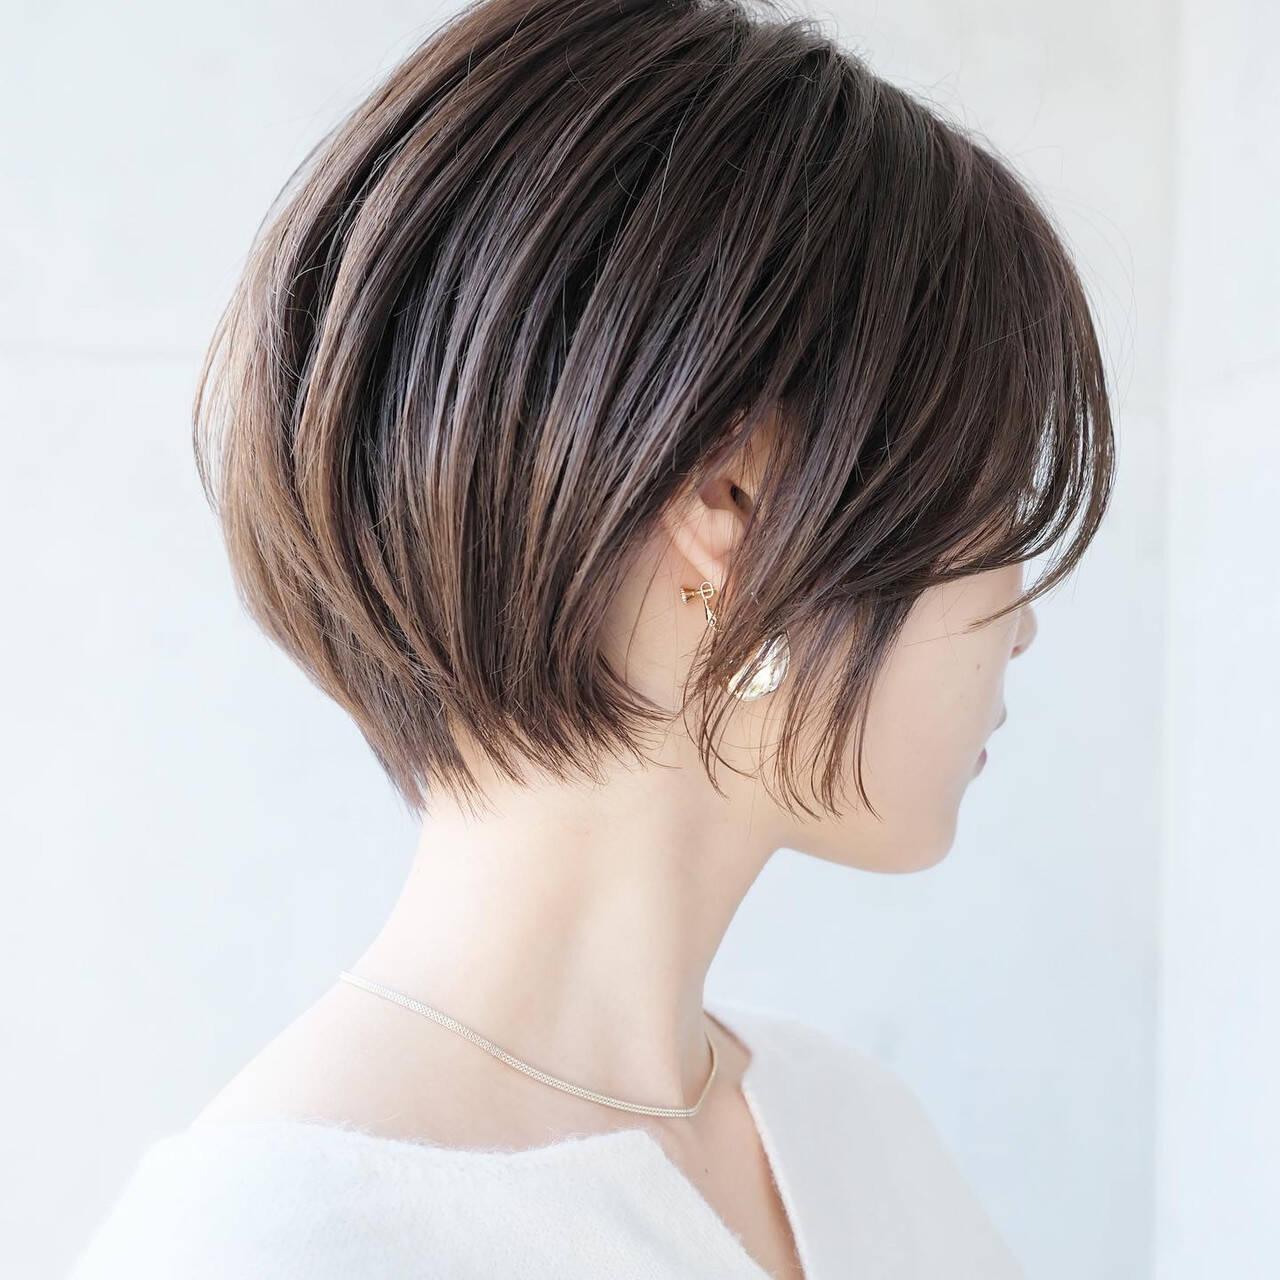 ベリーショート ショート ナチュラル ショートボブヘアスタイルや髪型の写真・画像